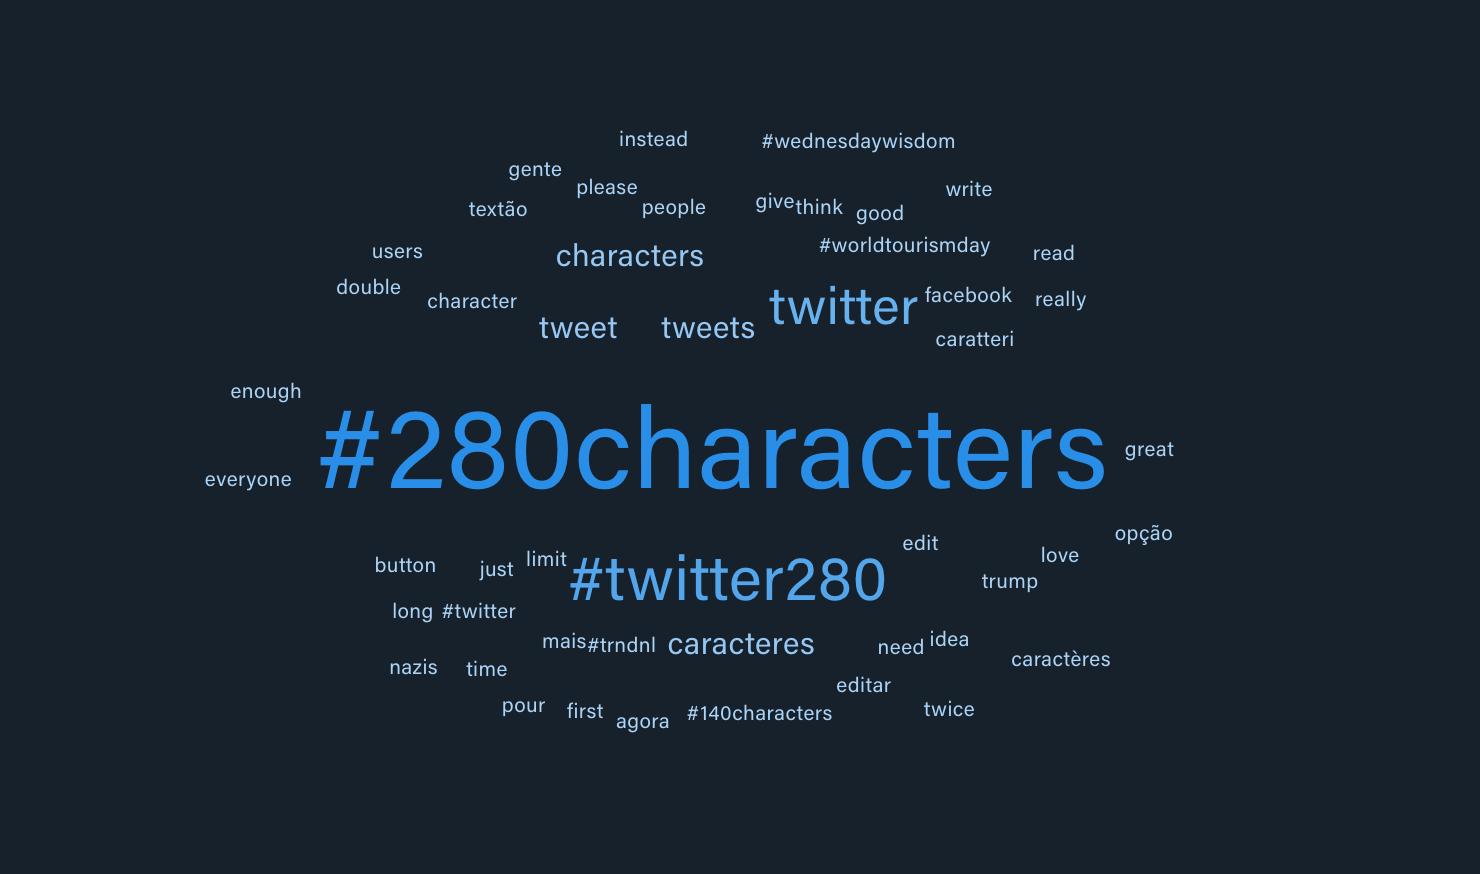 Immagine che mostra il word cloud di kpi6 nell'analisi sul passaggio di Twitter a 280 caratteri